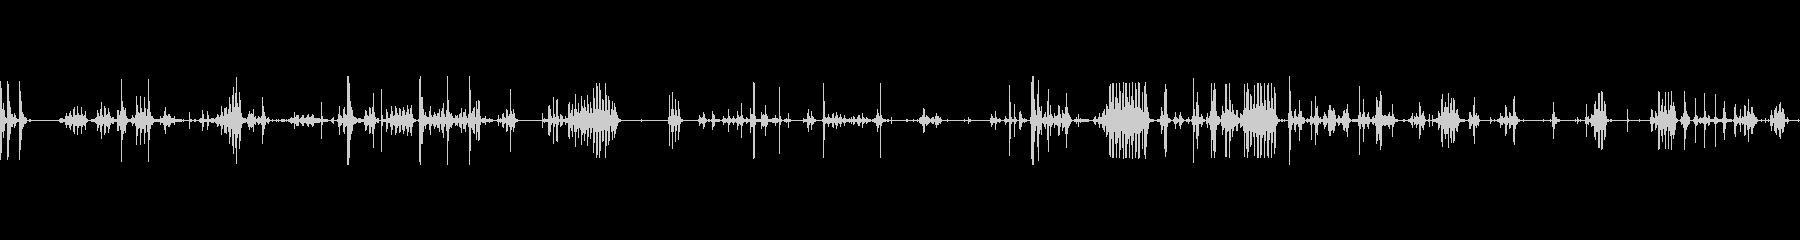 ホイップケーブルヘビースピンbの未再生の波形